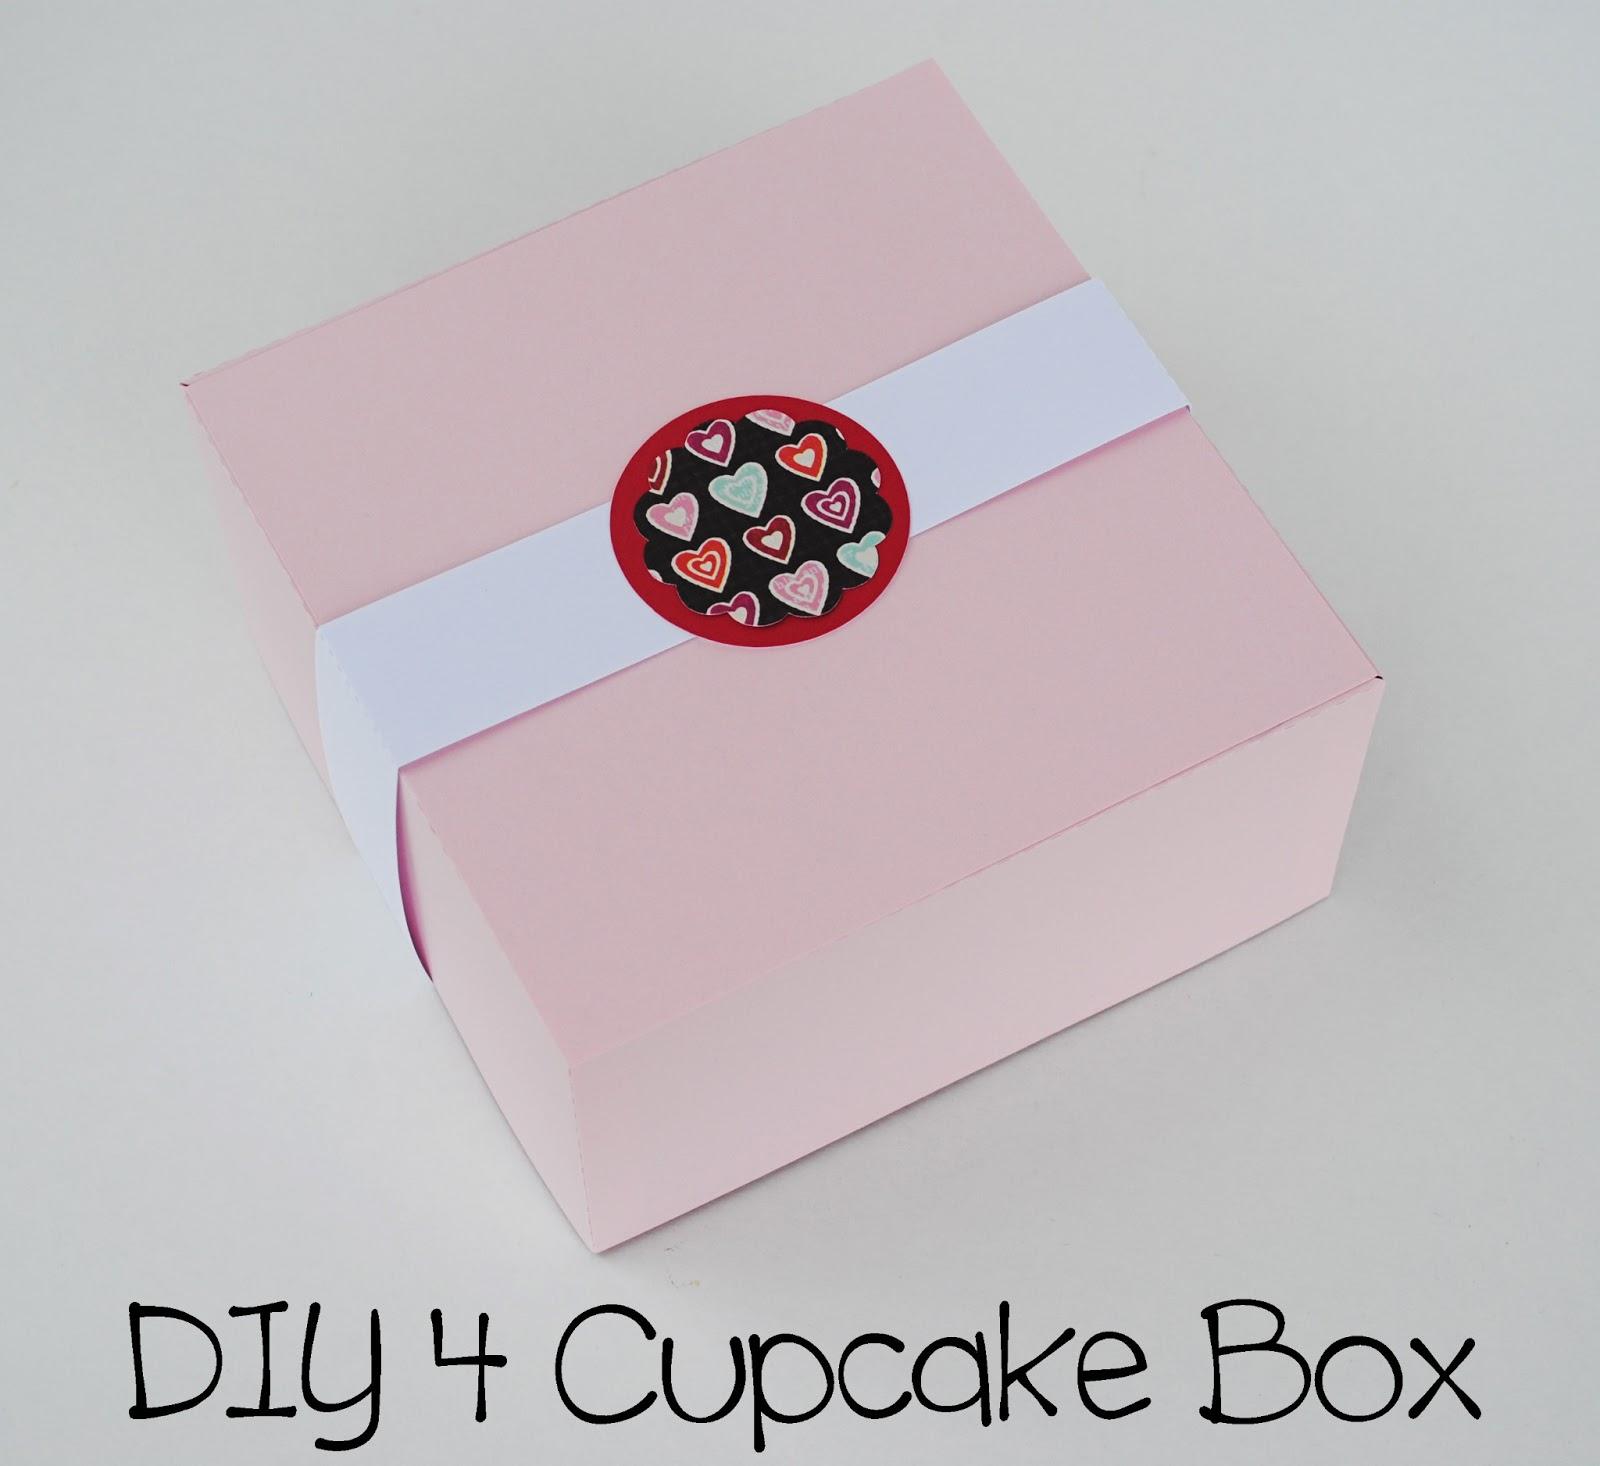 Diy 4 Cupcakes Box Wee Share